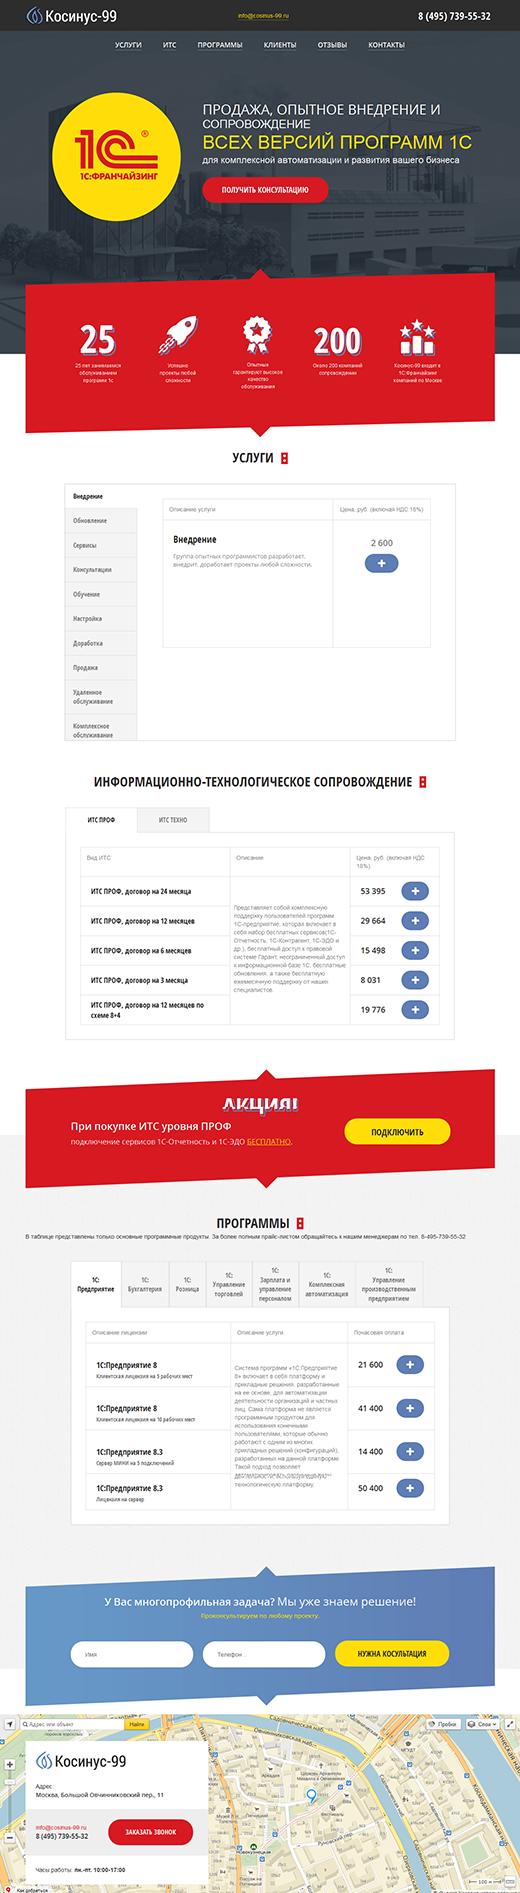 cosinus-99.ru